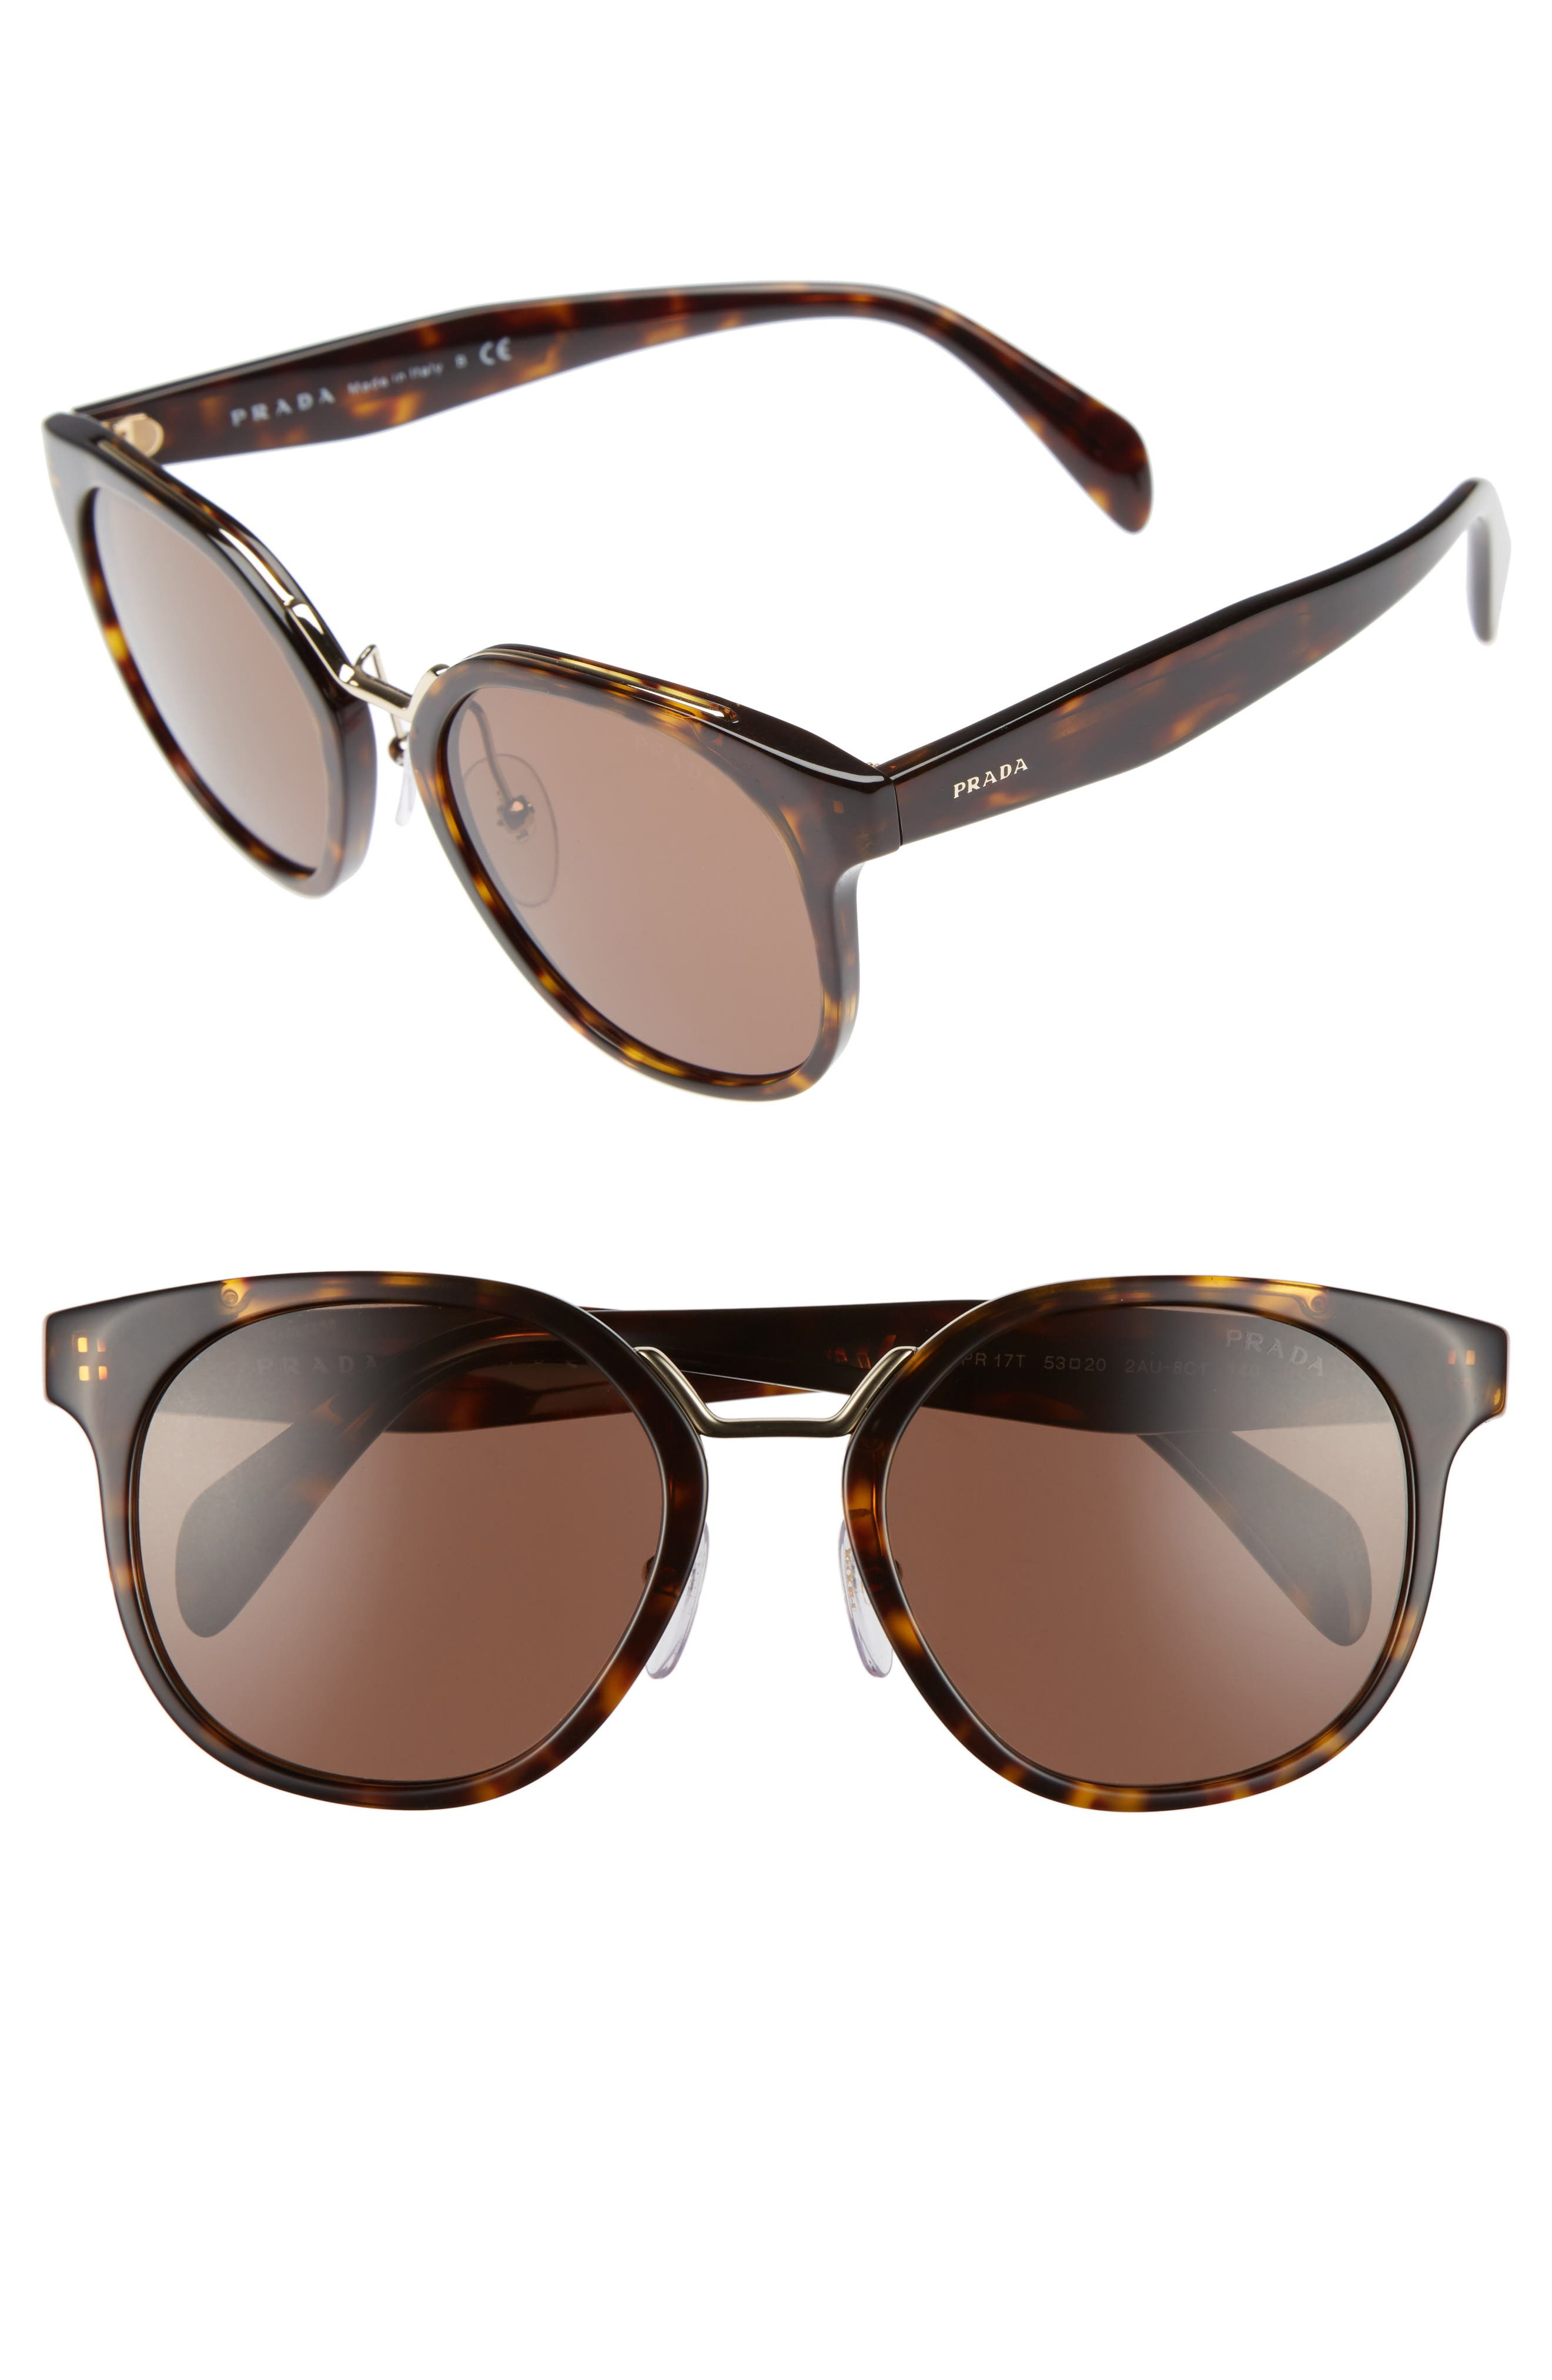 PRADA 53mm Horn-Rimmed Sunglasses